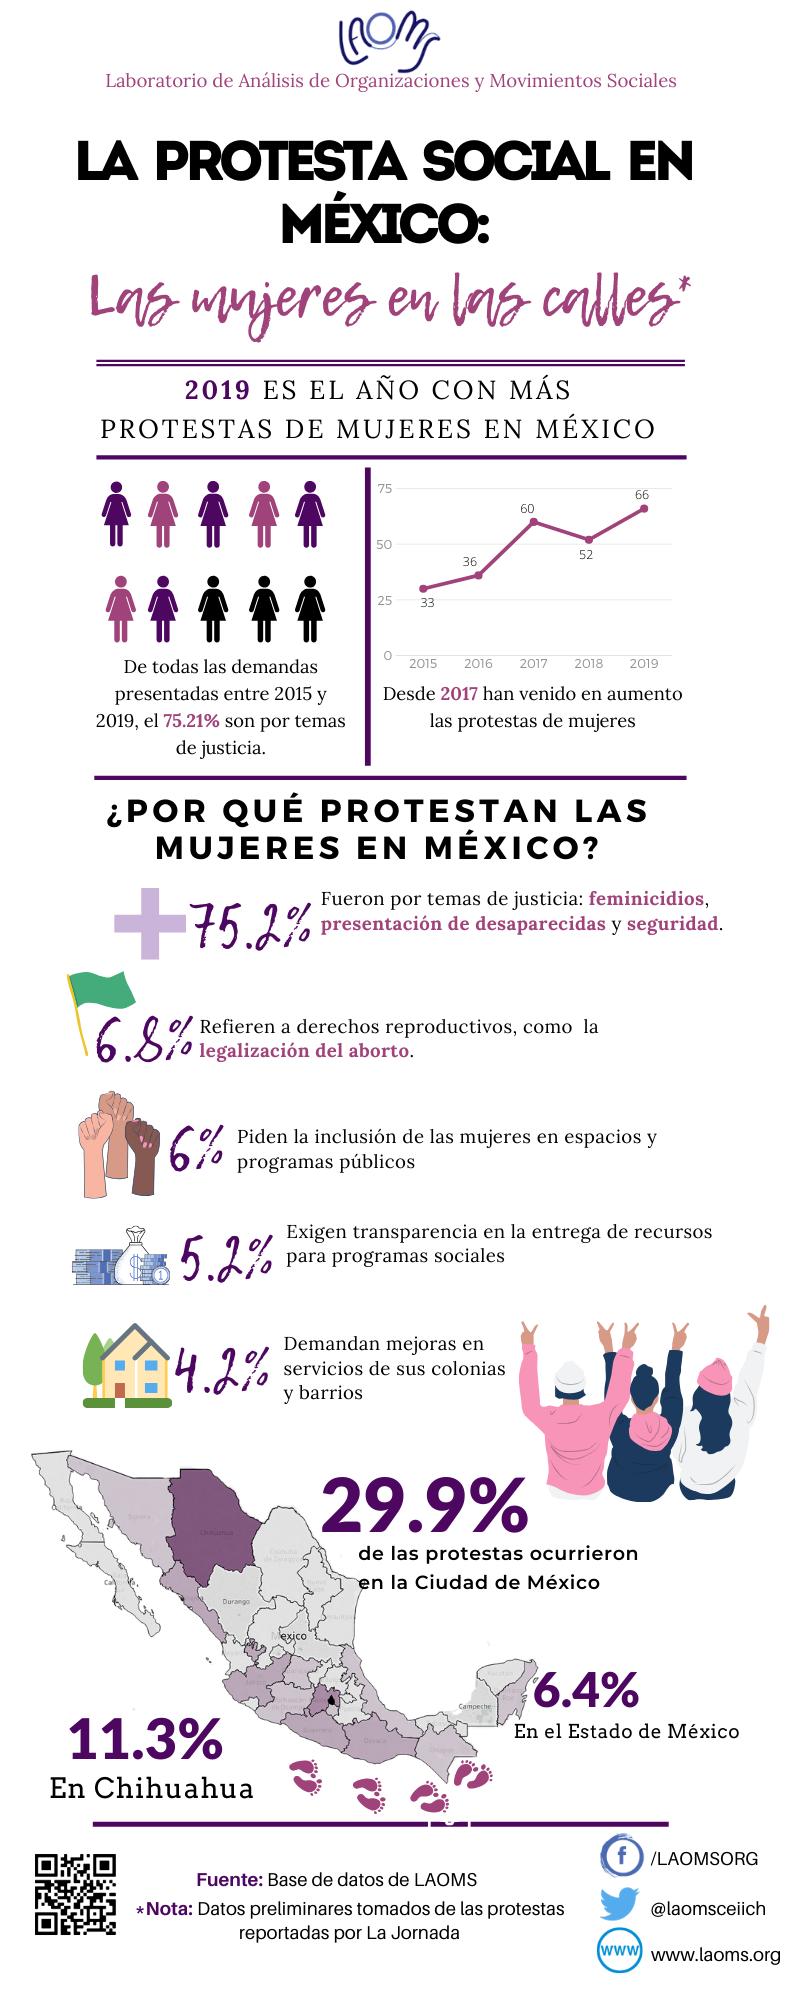 Infografía Las mujeres en las calles